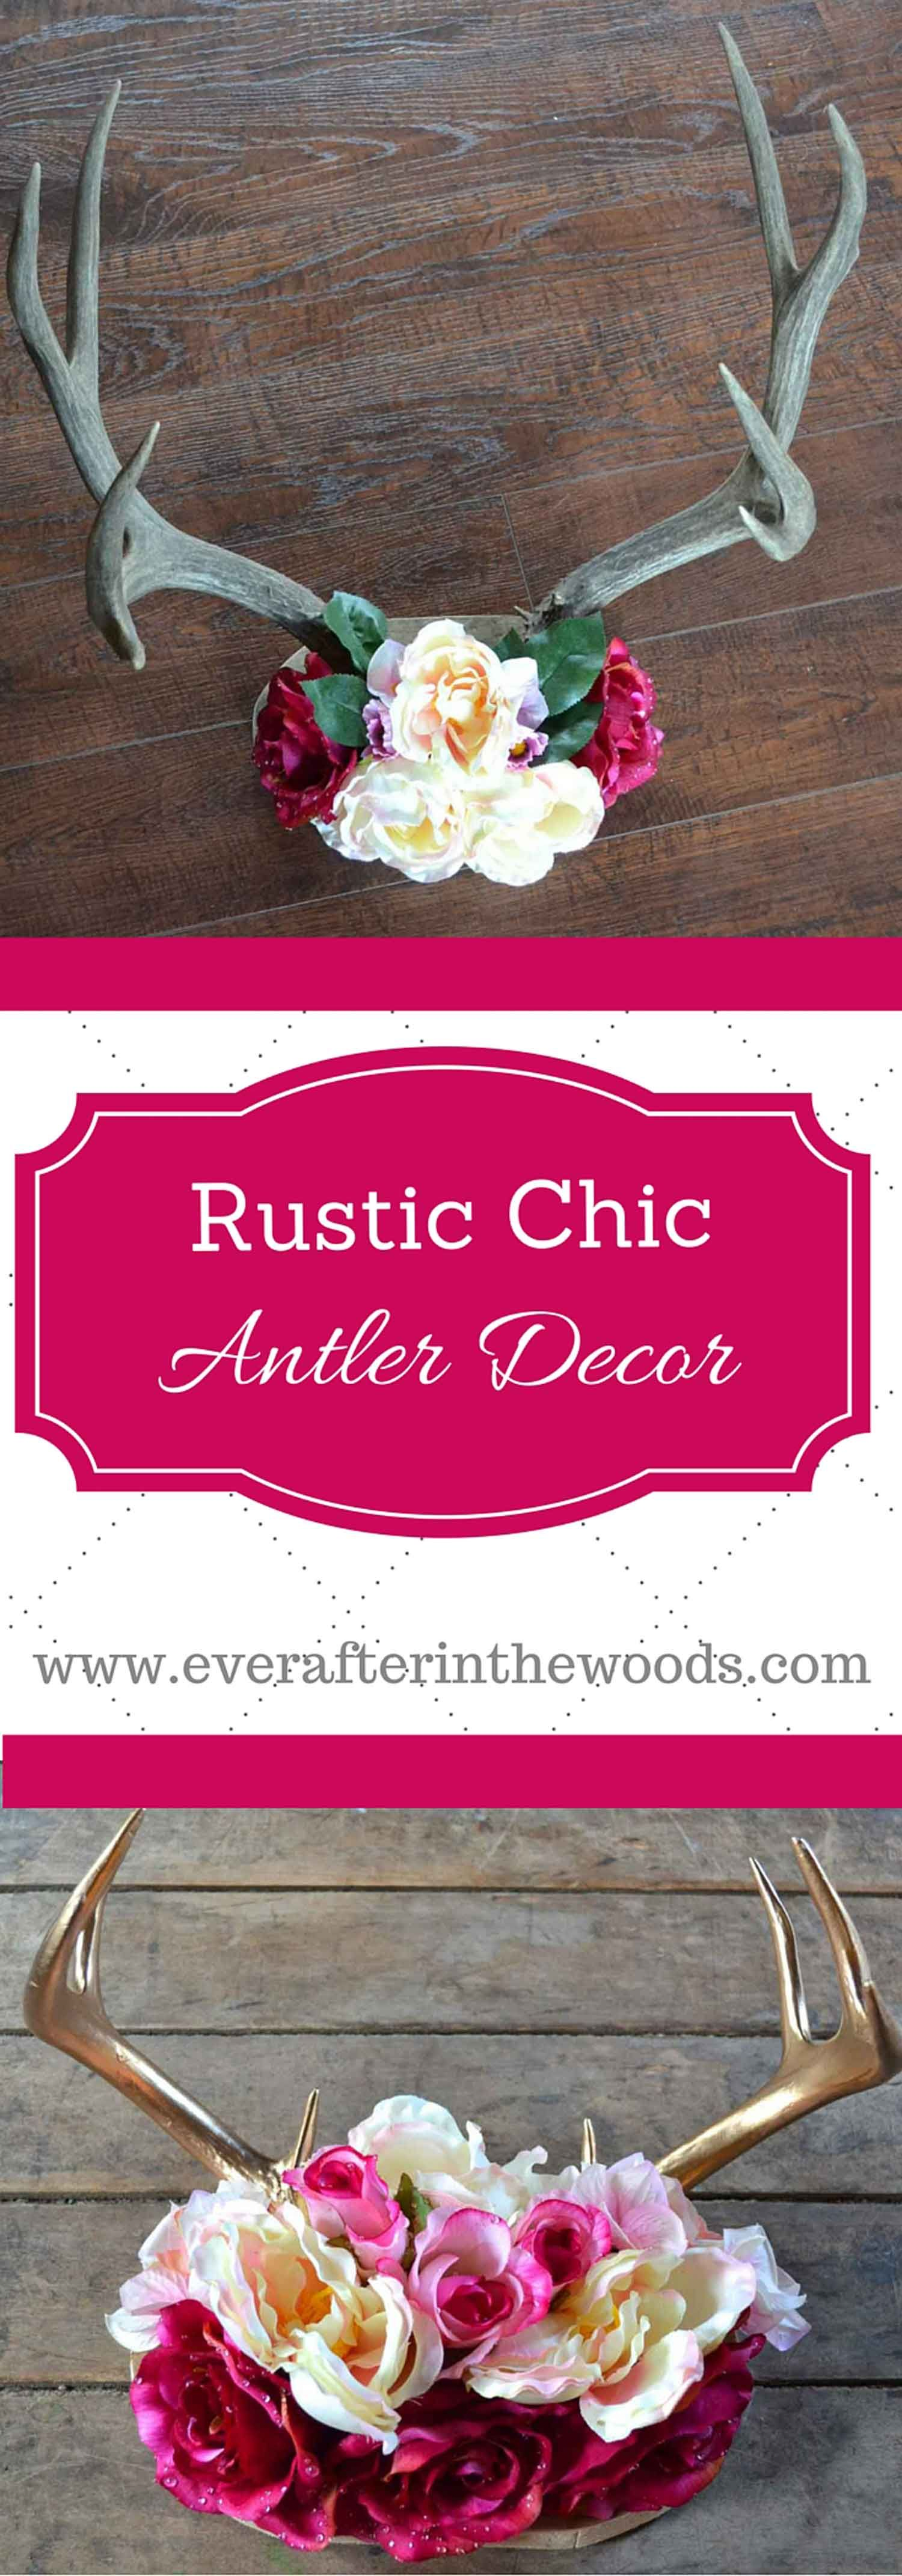 rustic chic antler decor diy   deer antlers, flower crowns and antlers